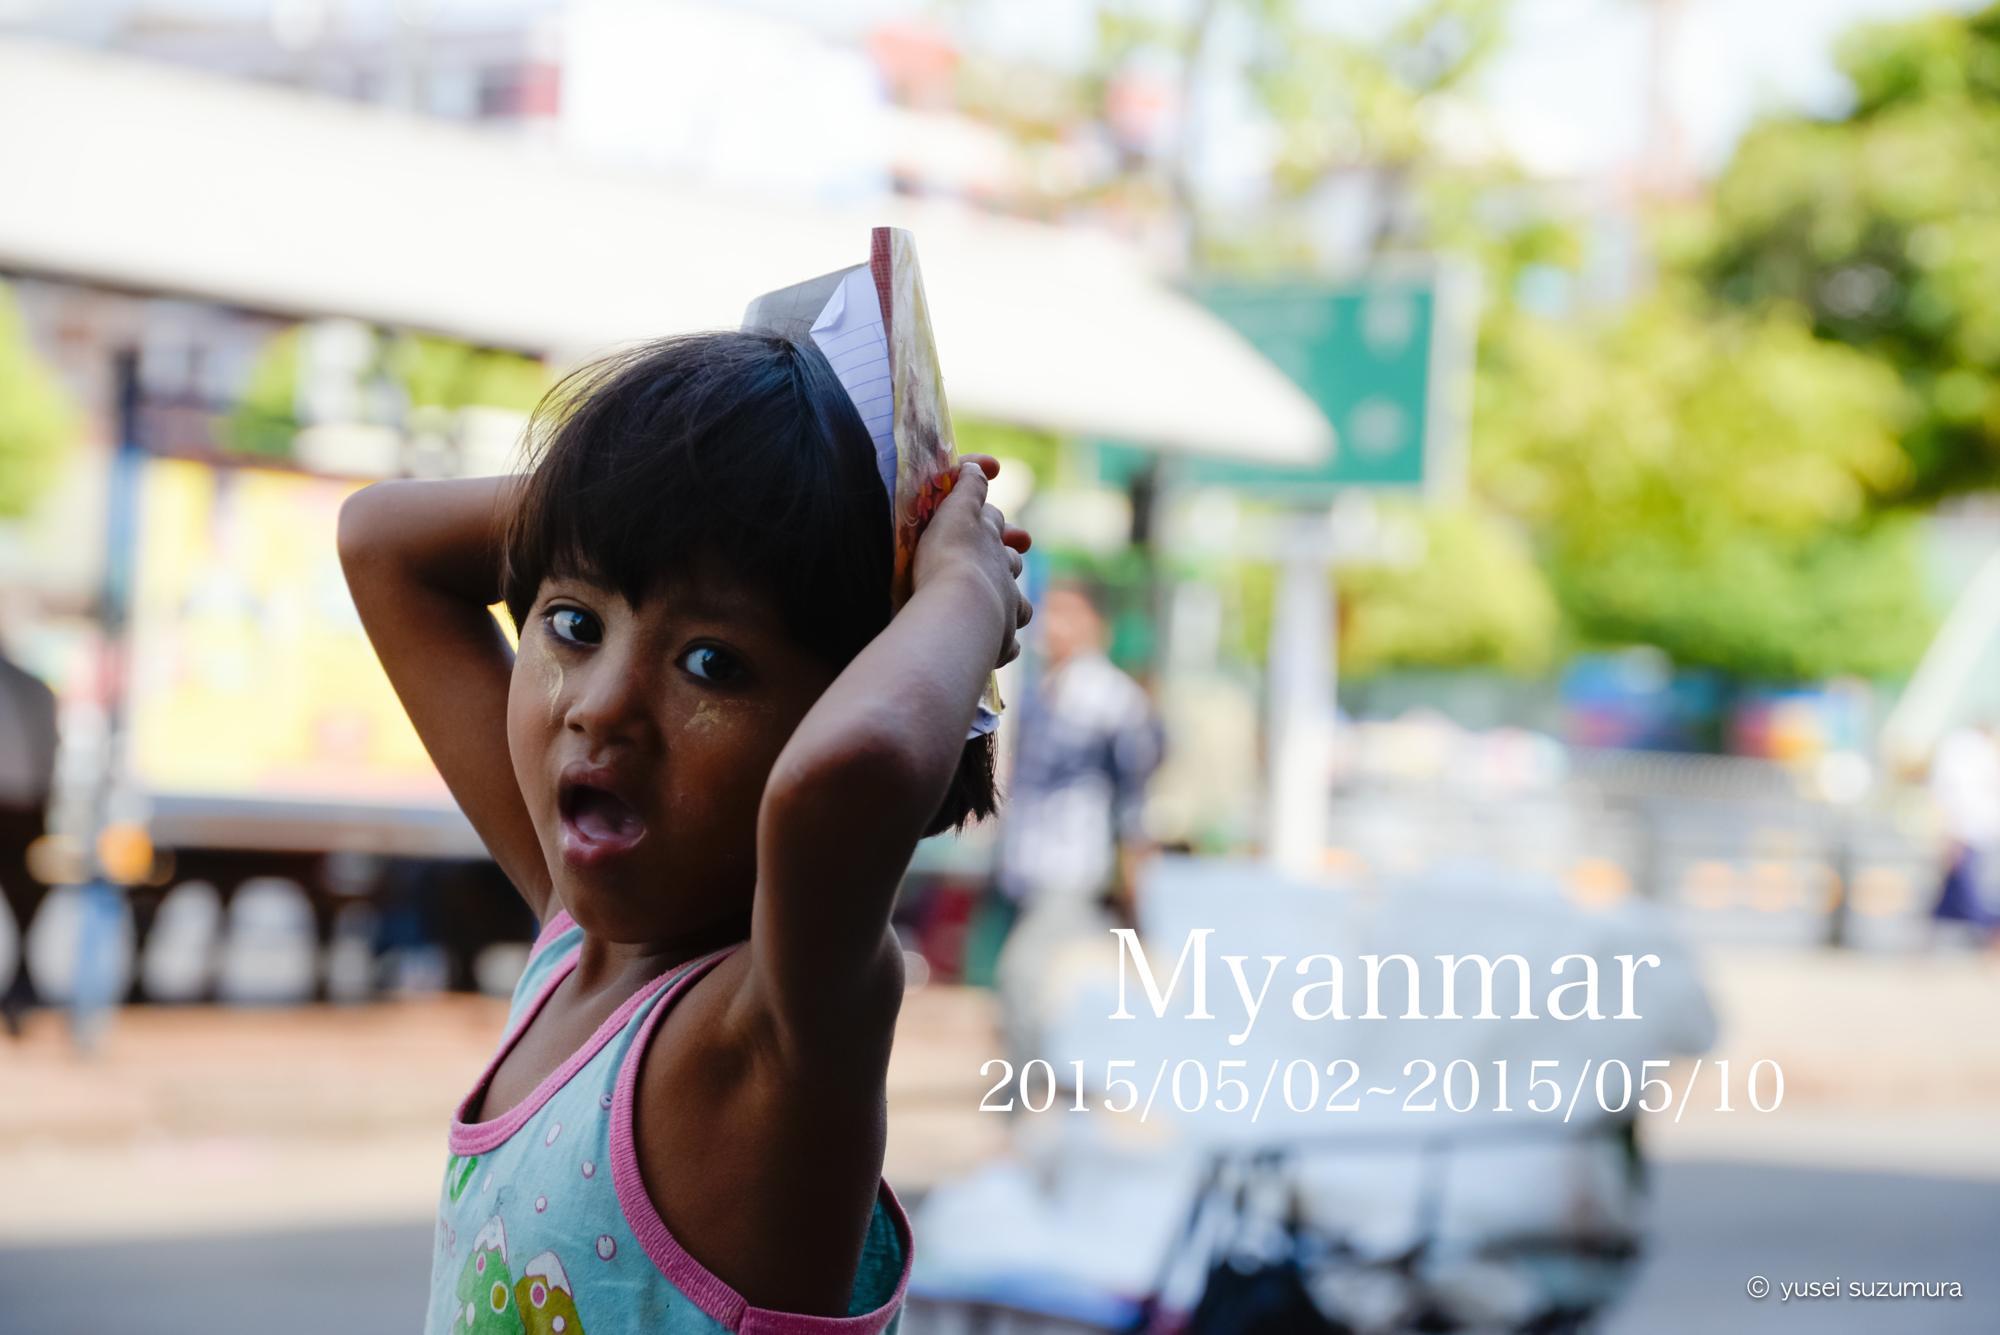 【まとめ】2015年GW!ミャンマー旅